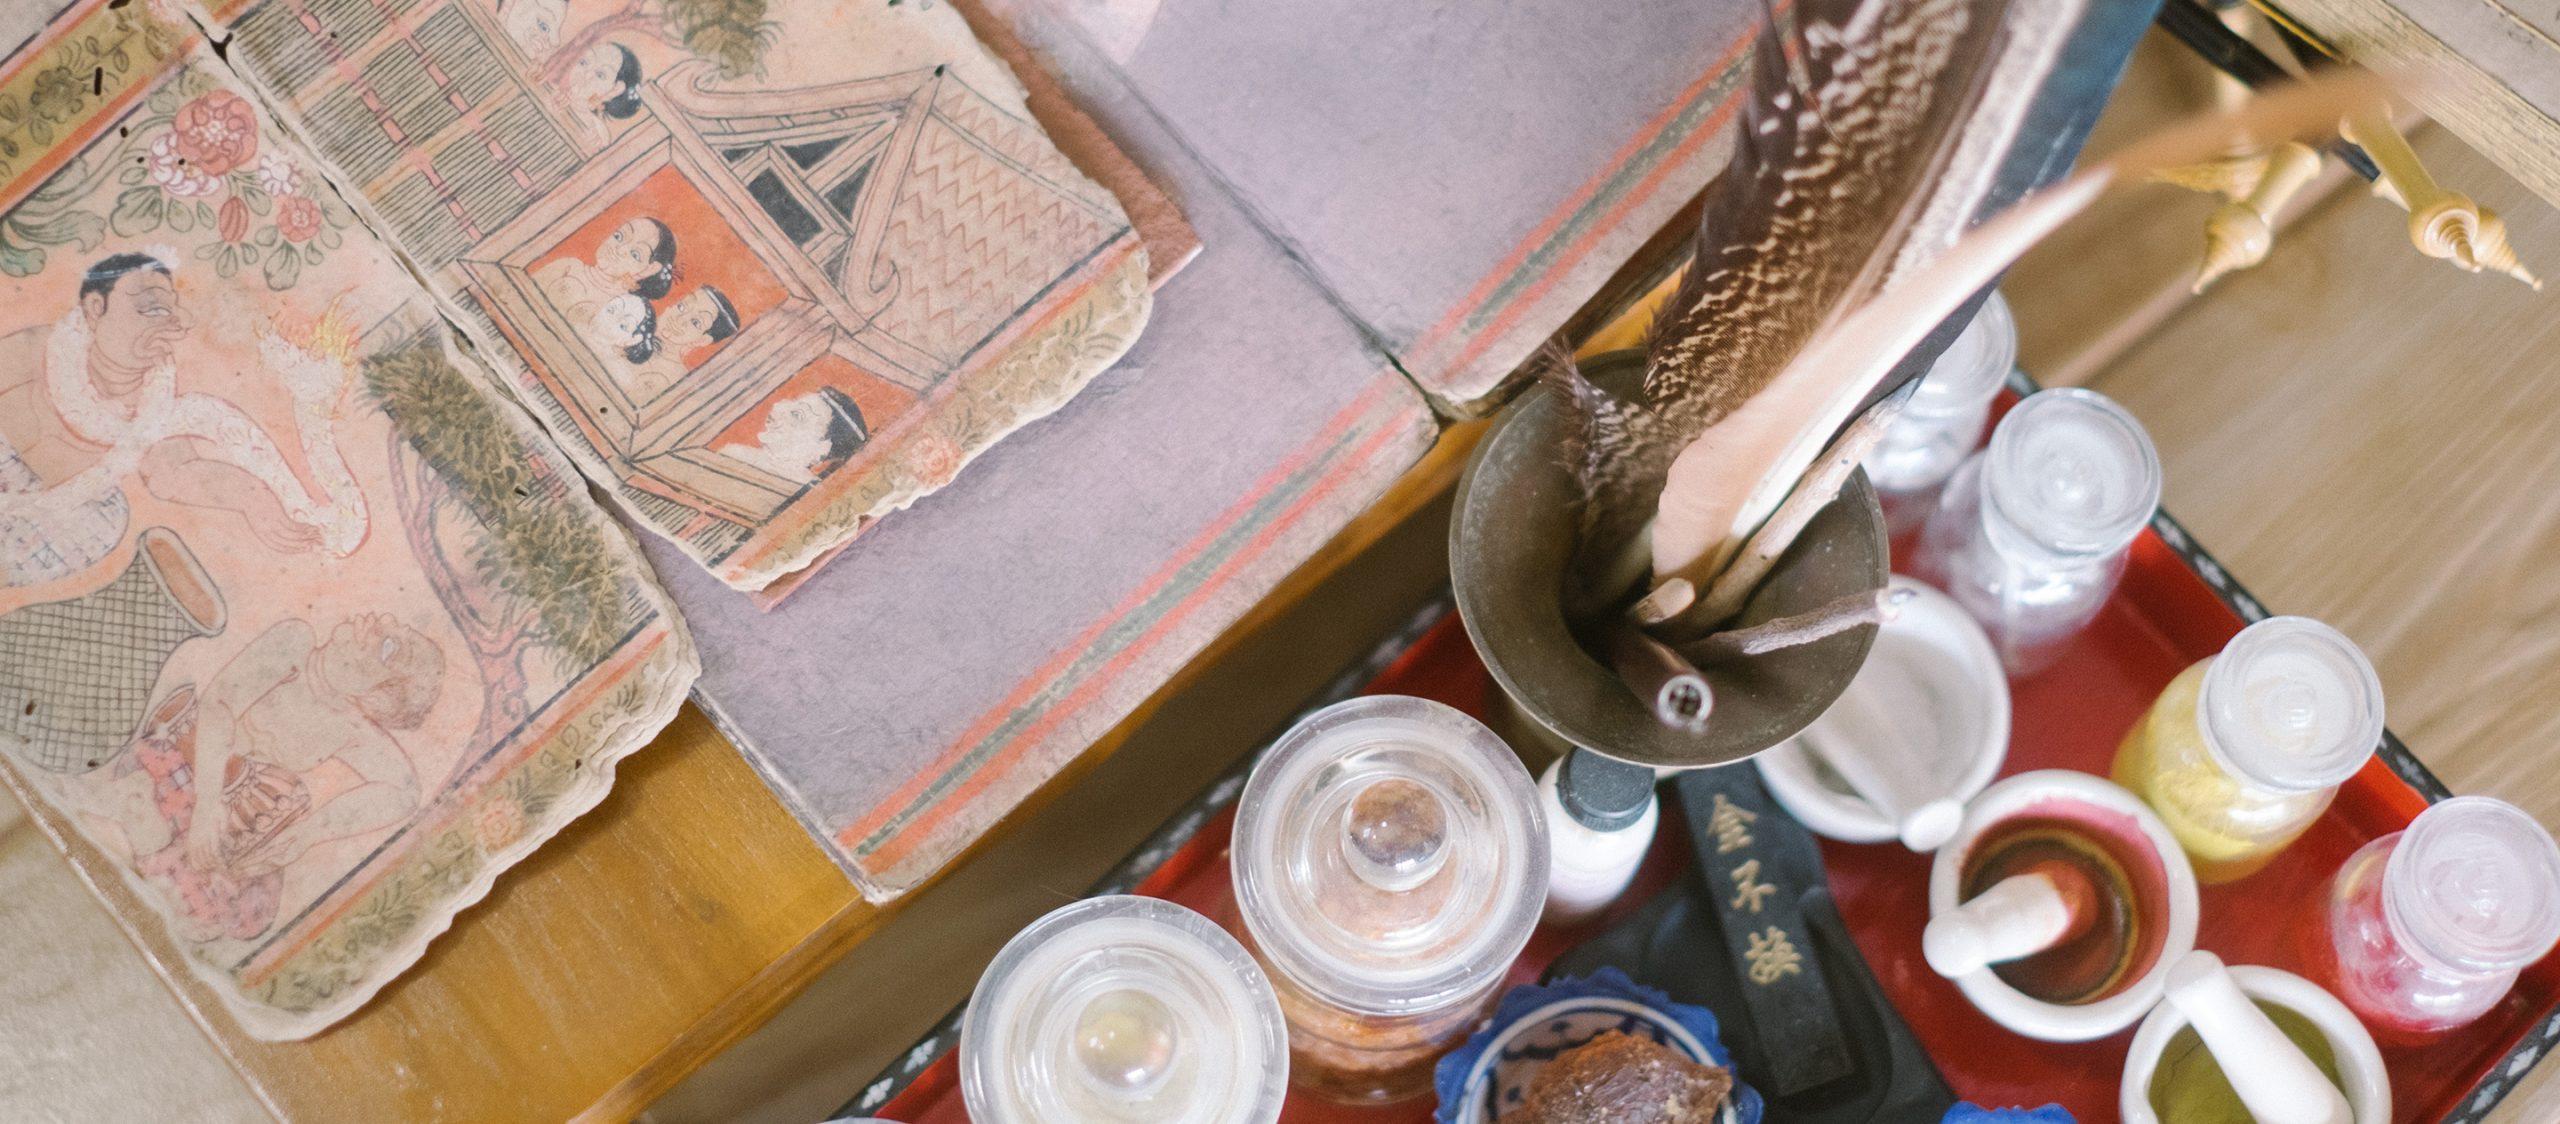 เขียนอักษรศิลป์โบราณและอนุรักษ์วัฒนธรรมพื้นถิ่นกับเพจ 'อักษราร้อยวลีลิขิต'